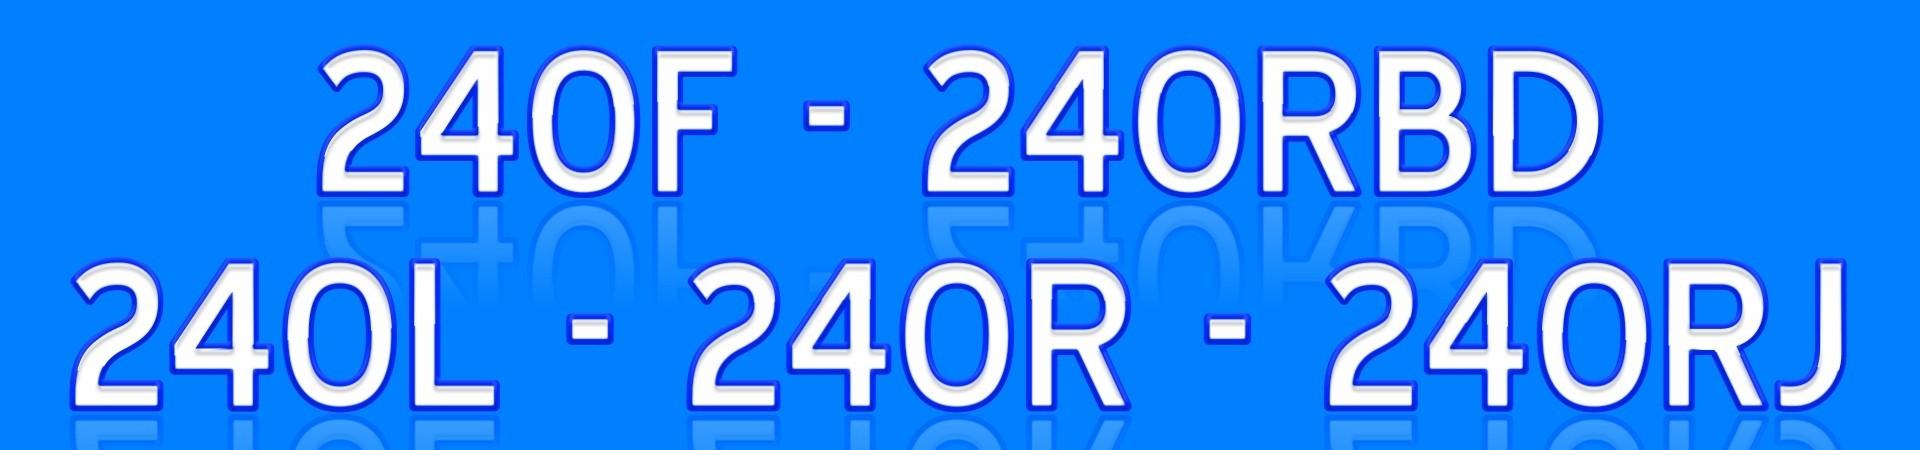 40 45 240R 245R